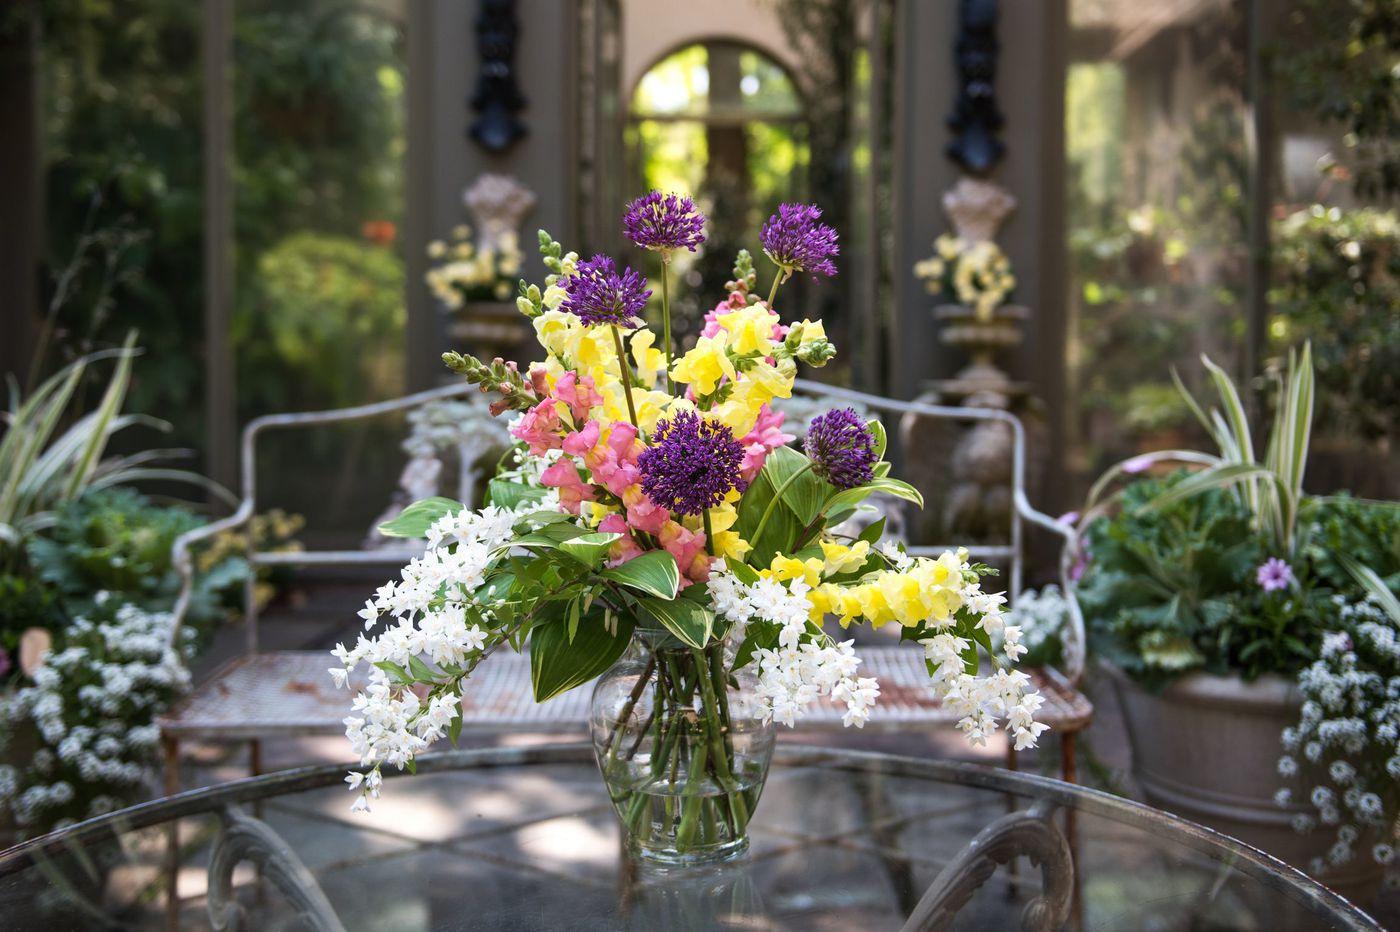 Flower arrangement 101: How to make a bouquet from backyard flowers